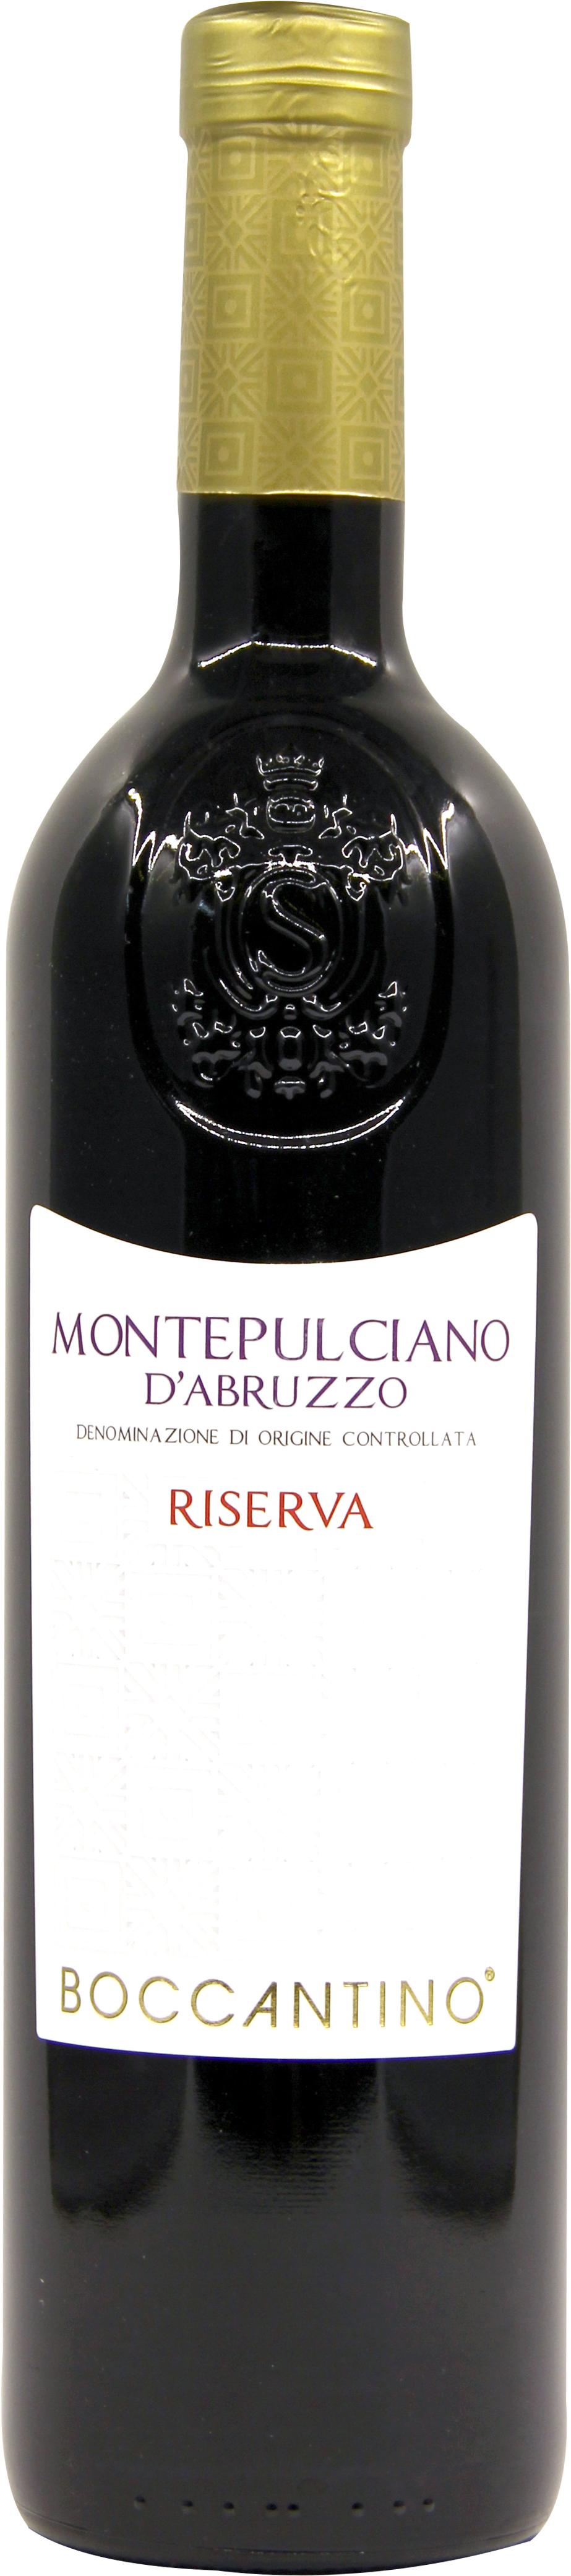 宝加蒙蒂普尔查诺珍藏干红葡萄酒